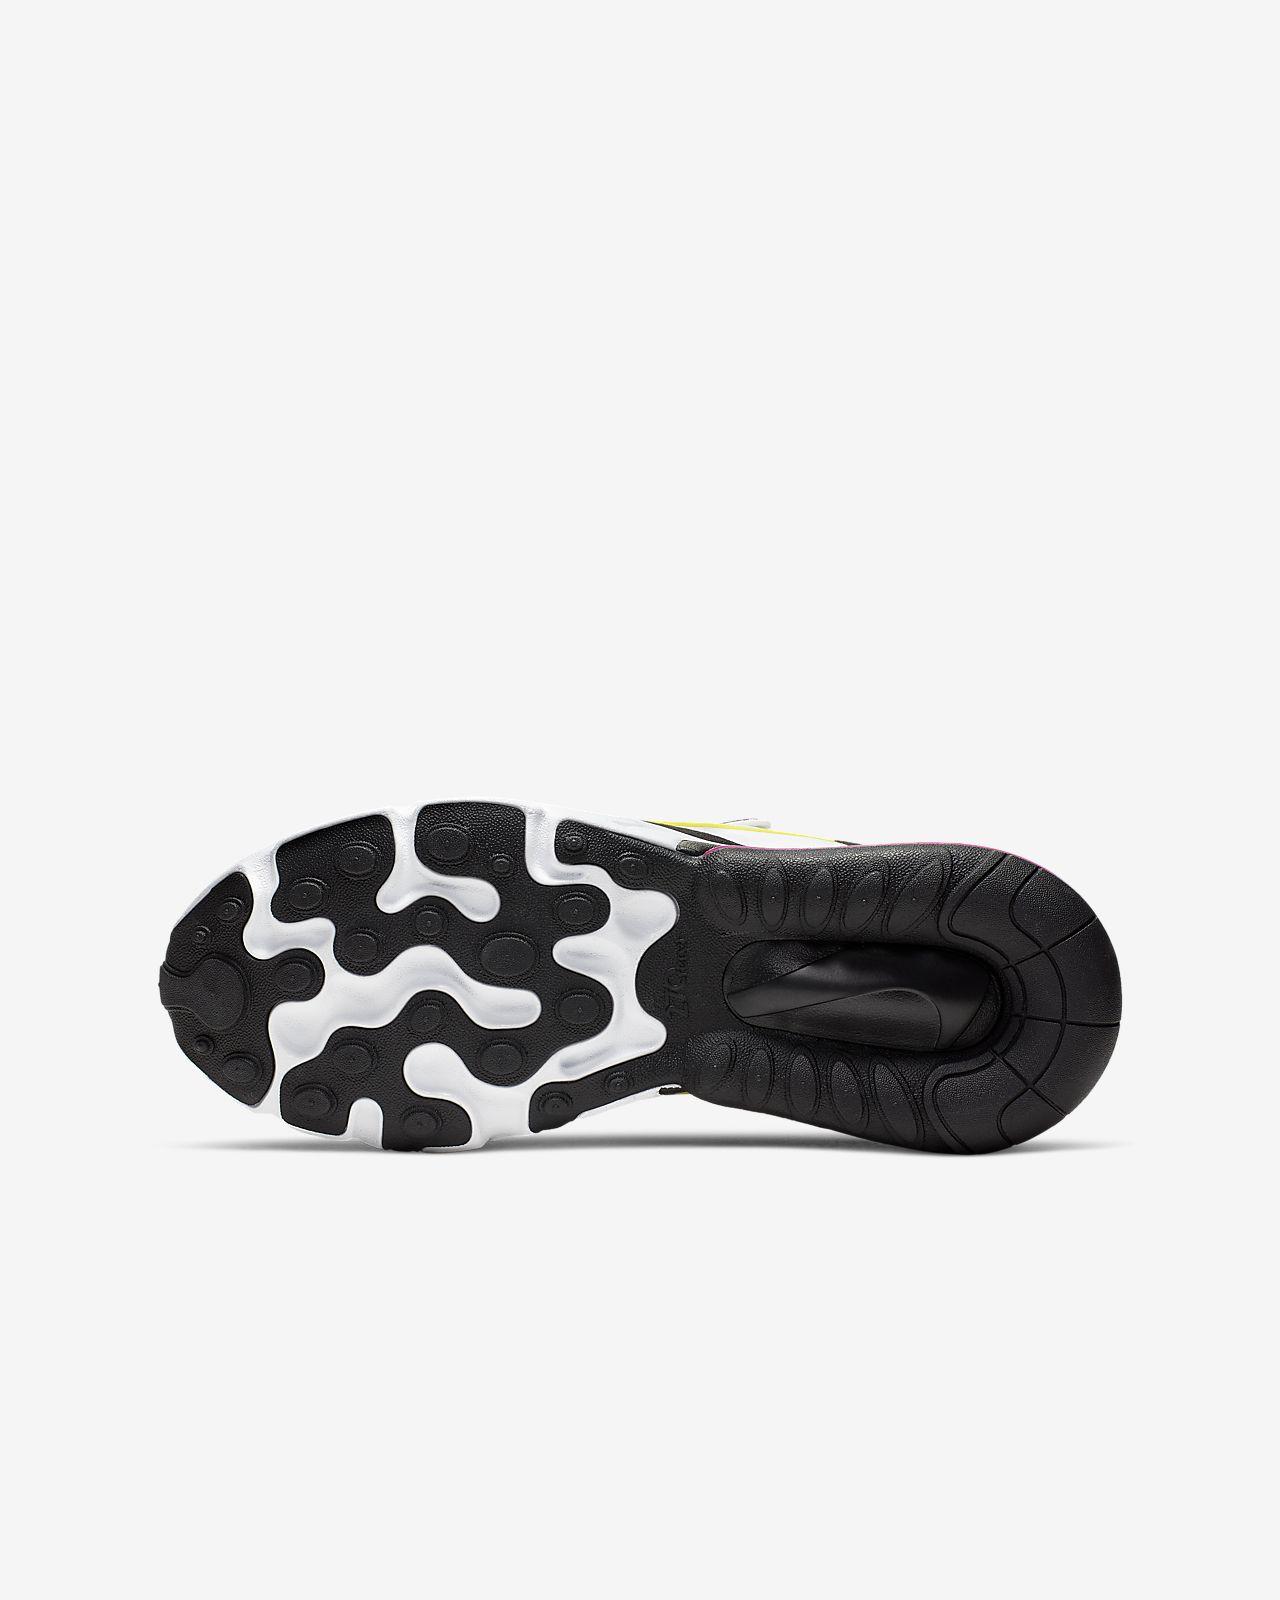 Nike Air Max 270 React Zapatillas Niñoa